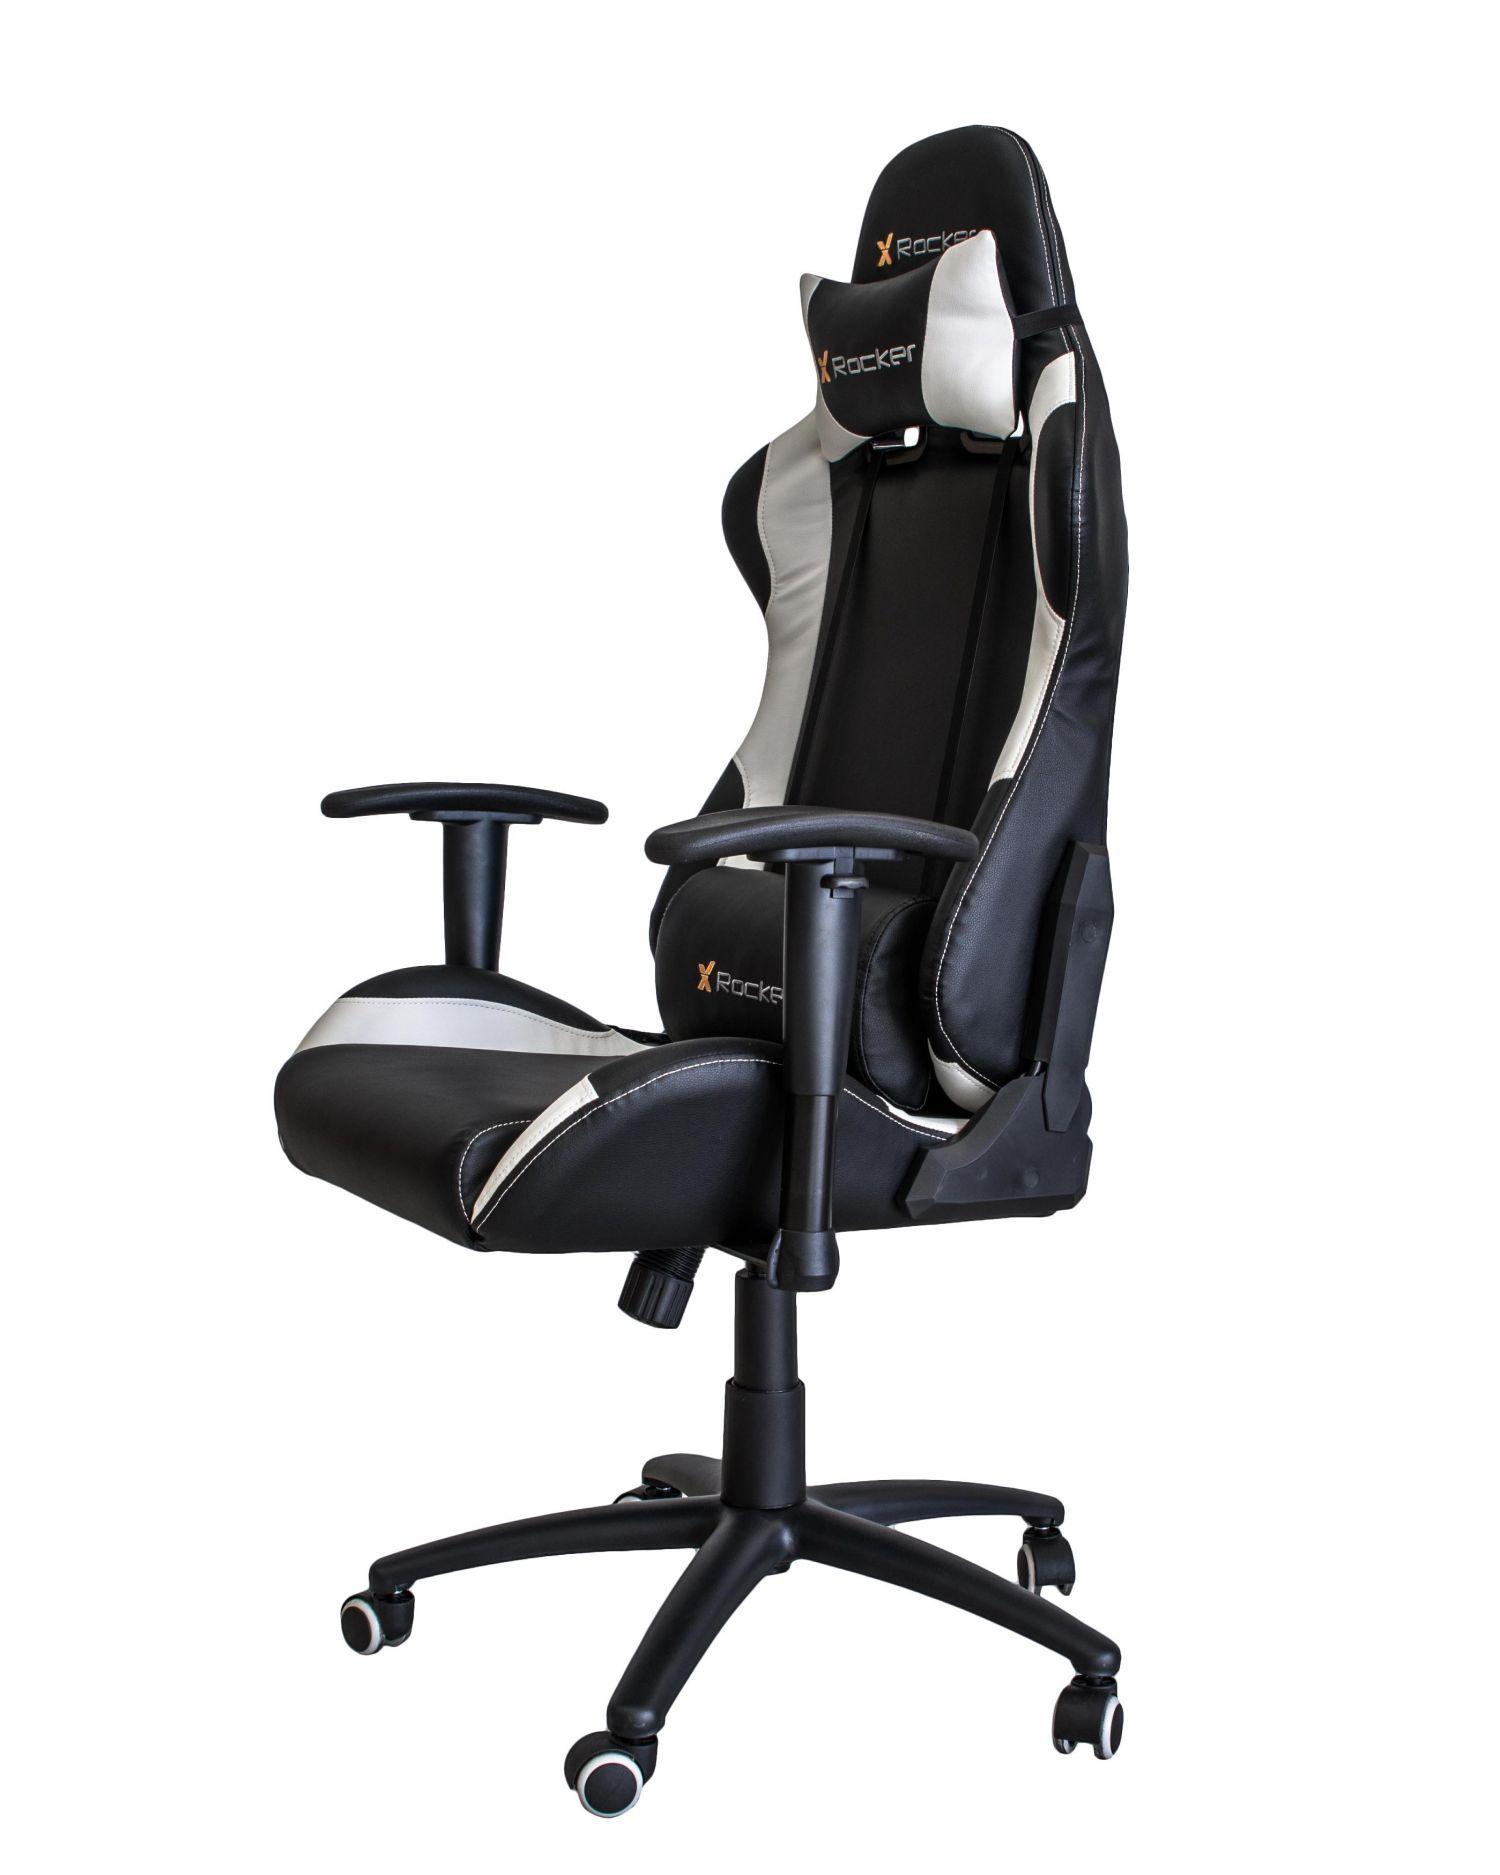 X Rocker Gaming Chair Black 38